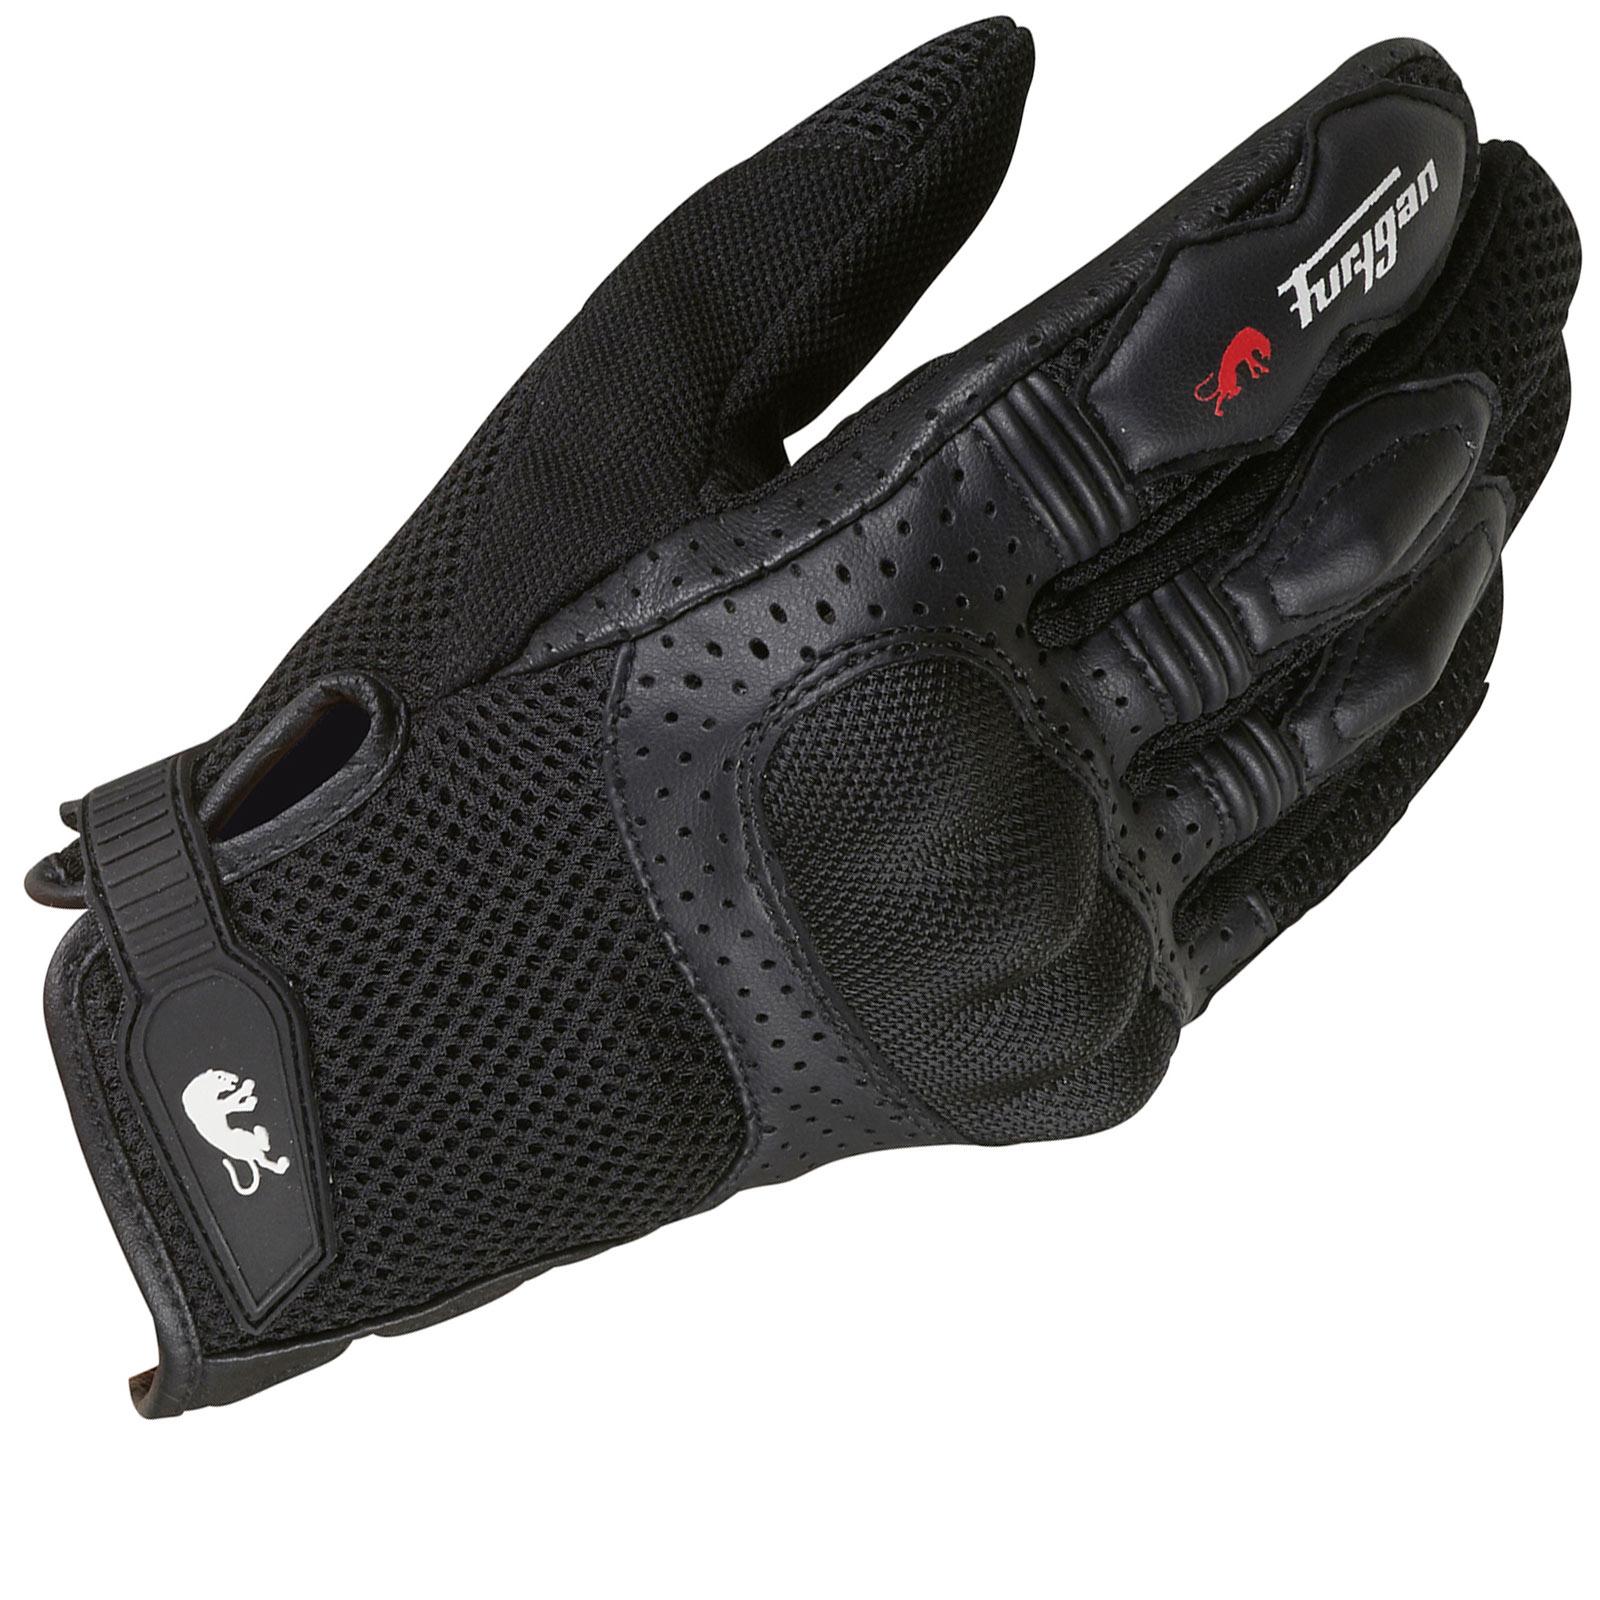 Sport Motorcycle Gloves: Furygan TD12 Sport Motorcycle Gloves